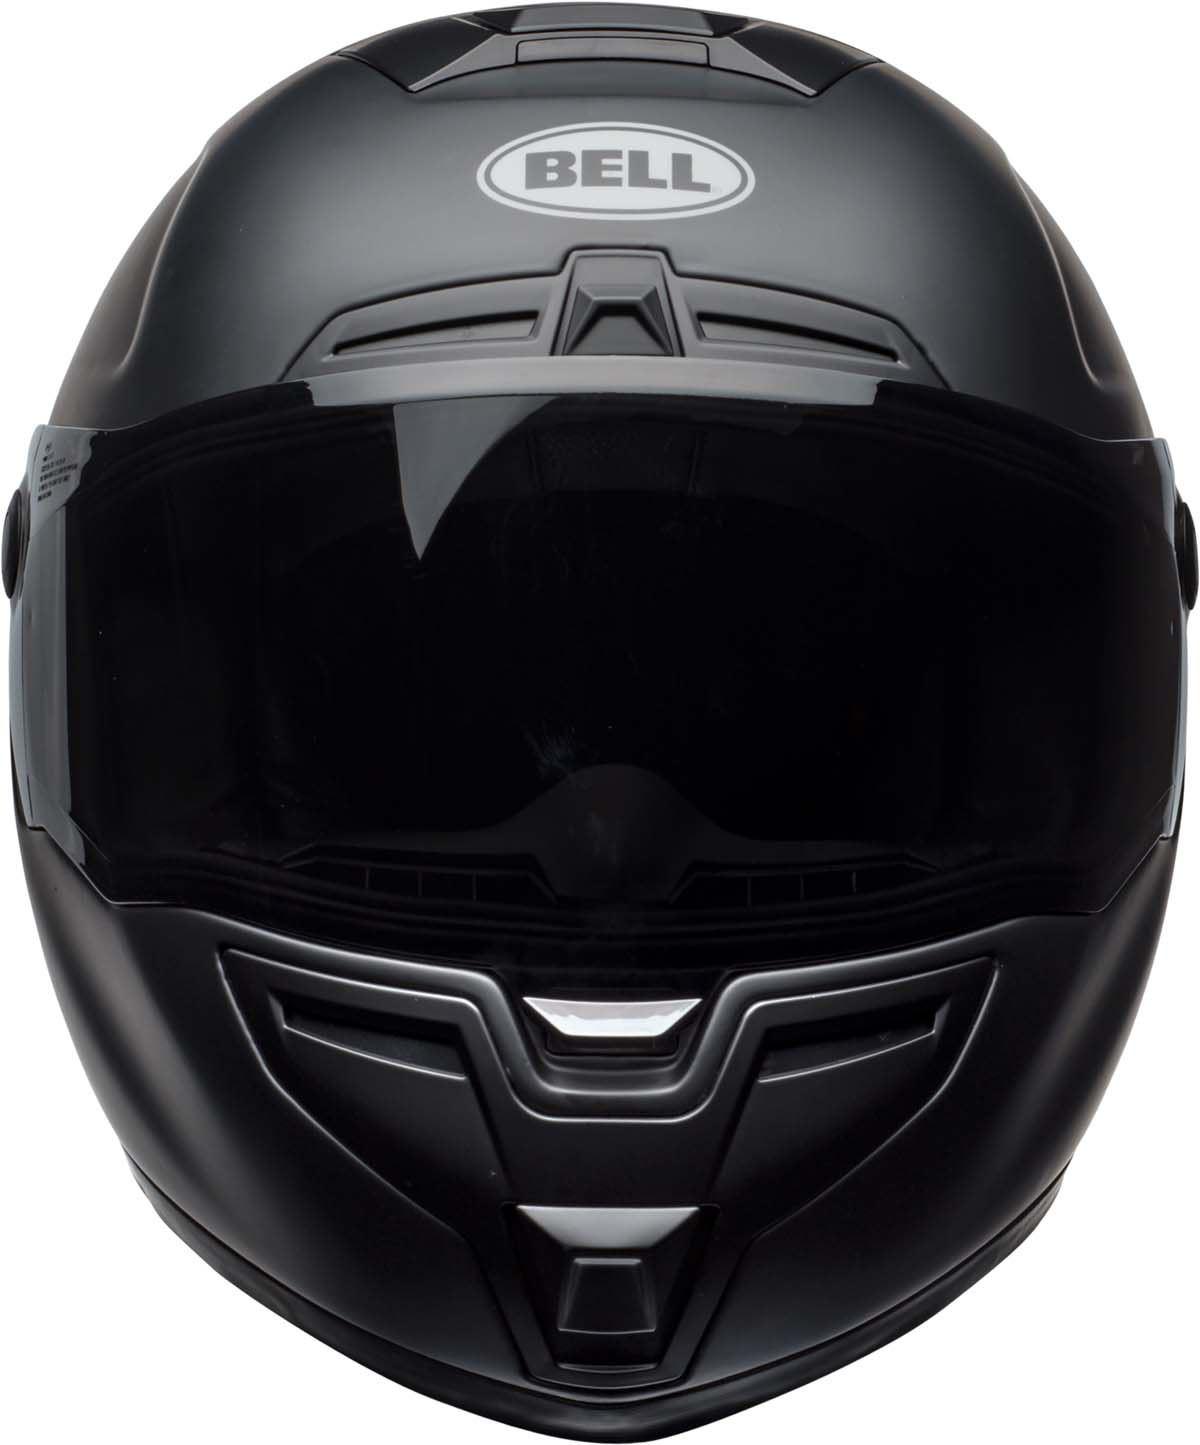 Bell-SRT-Helmet-Full-Face-Eyewear-Friendly-Fiberglass-DOT-SNELL-M2015-XS-2XL miniature 5